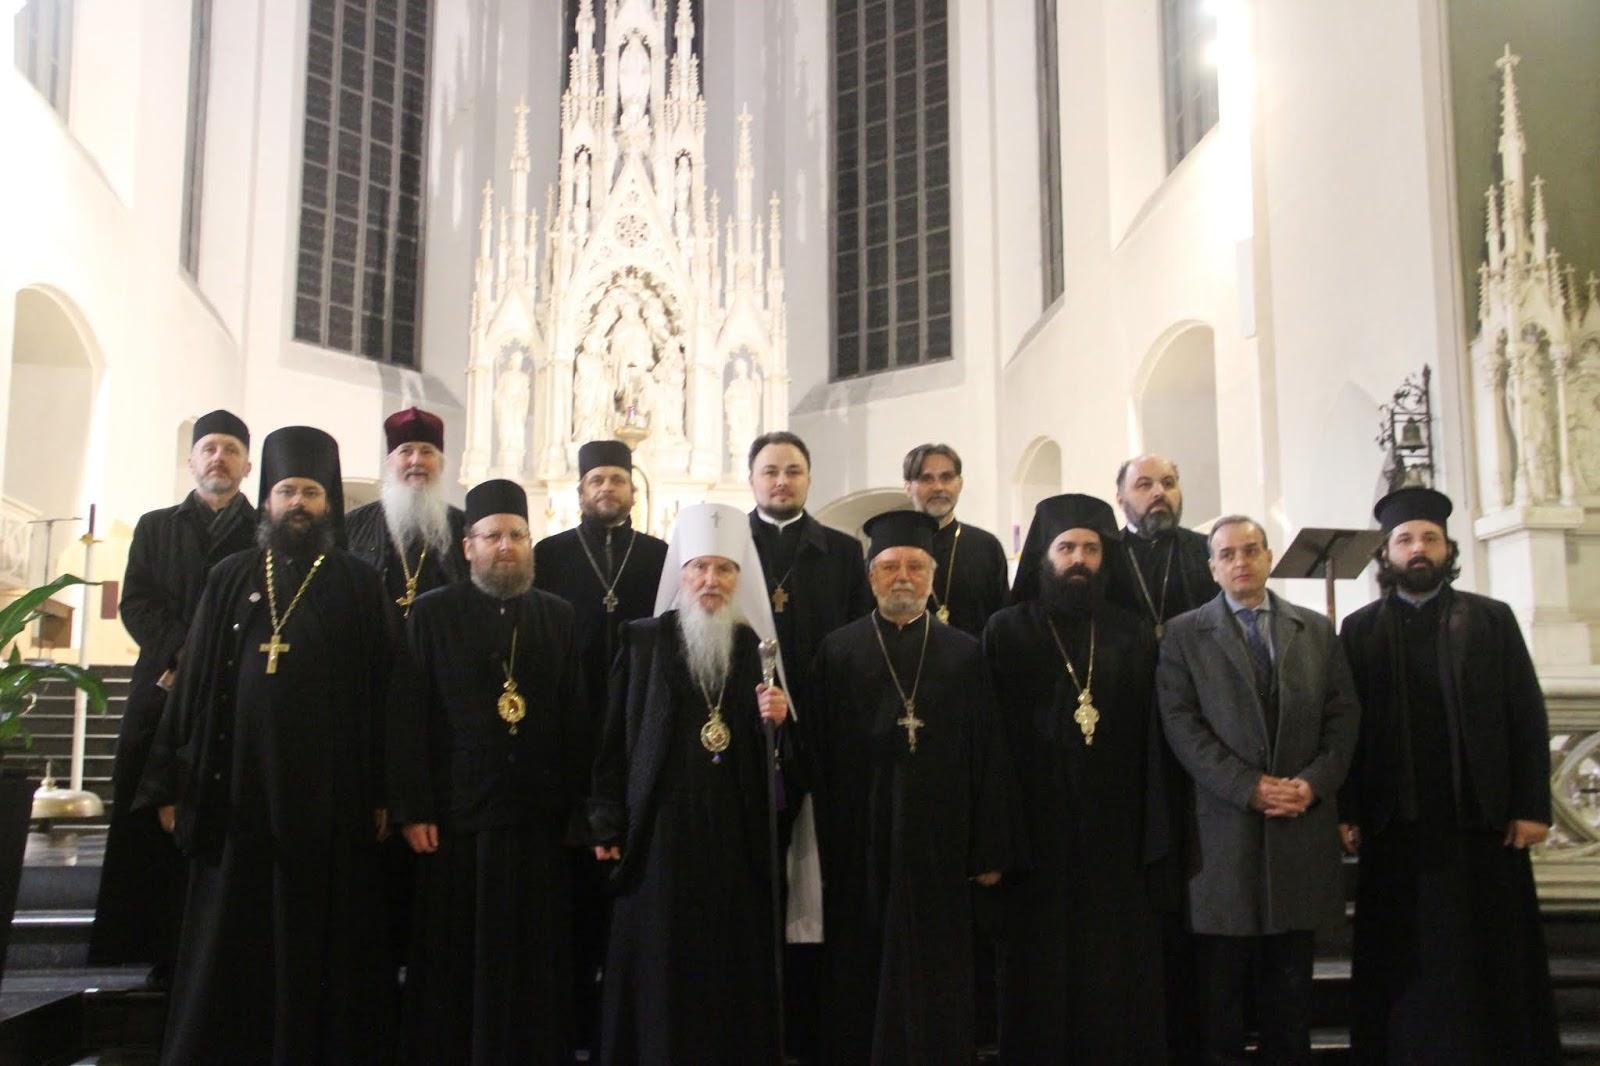 Κυριακή Ορθοδοξίας στο Μόναχο